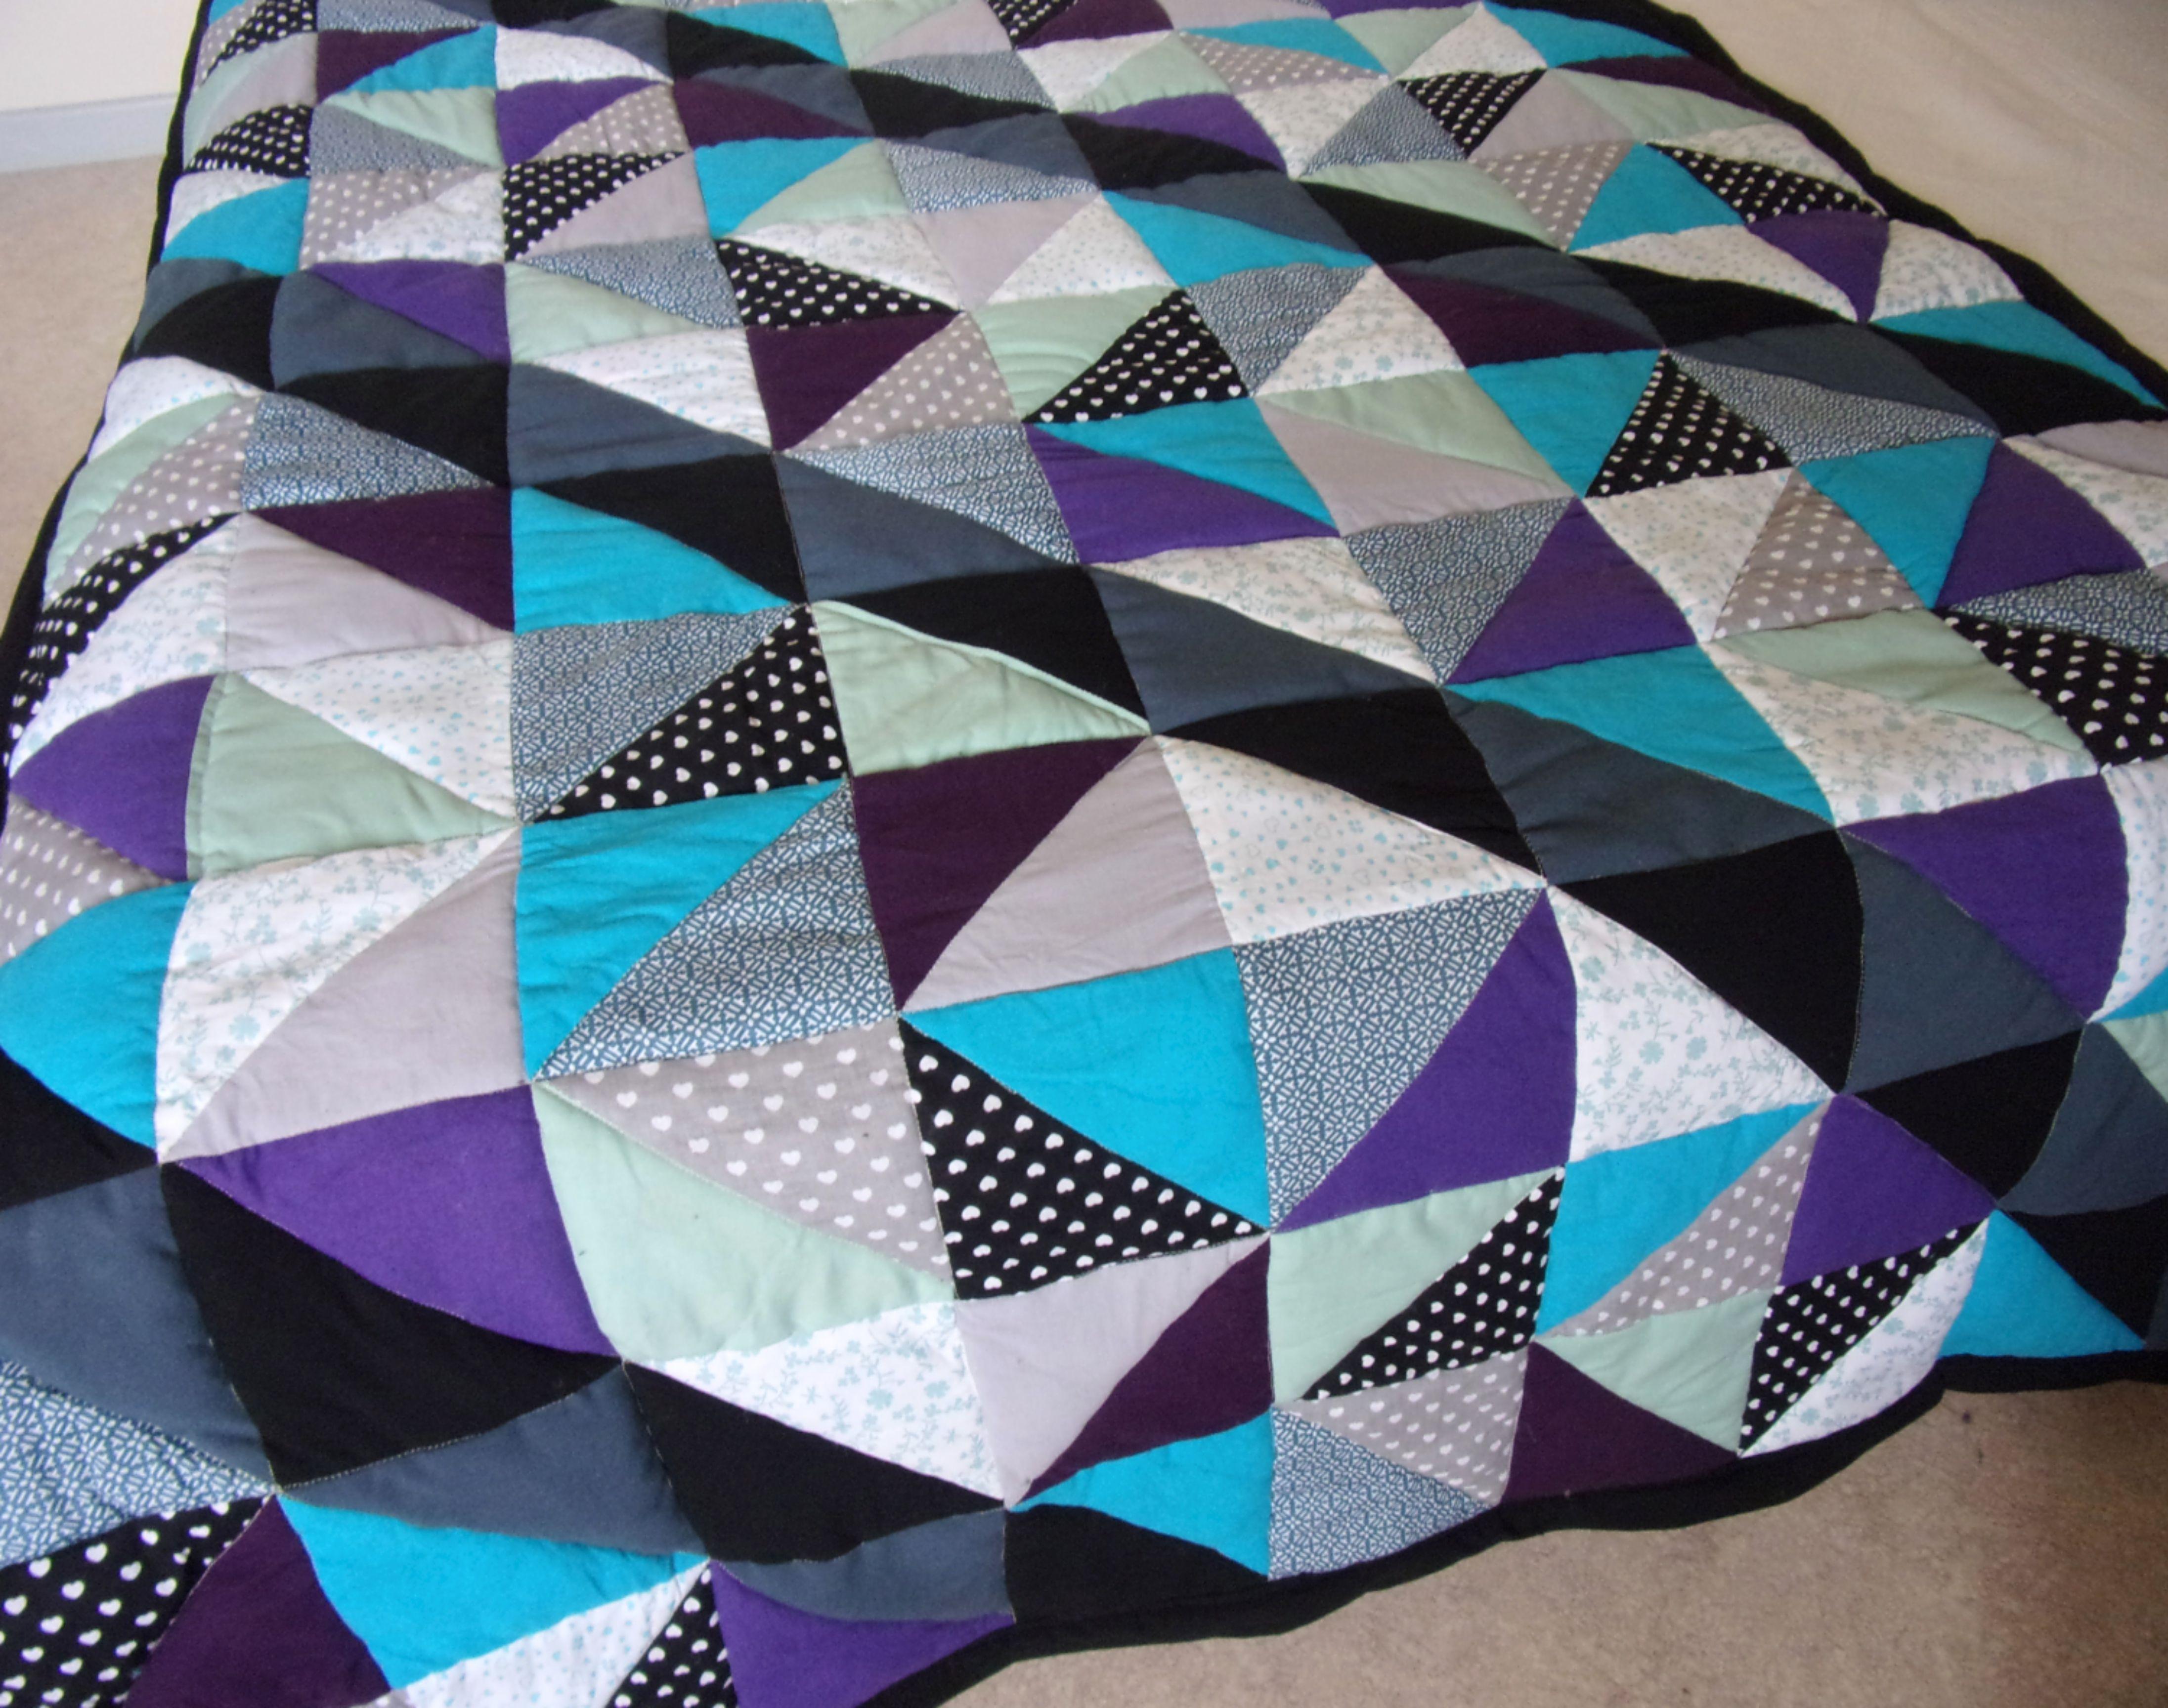 Couverture Mi Housse Polaire Impressionnant Galerie Plaid Patchwork Gris Bleu Vert Violet Noir Patchwork De Triantgles